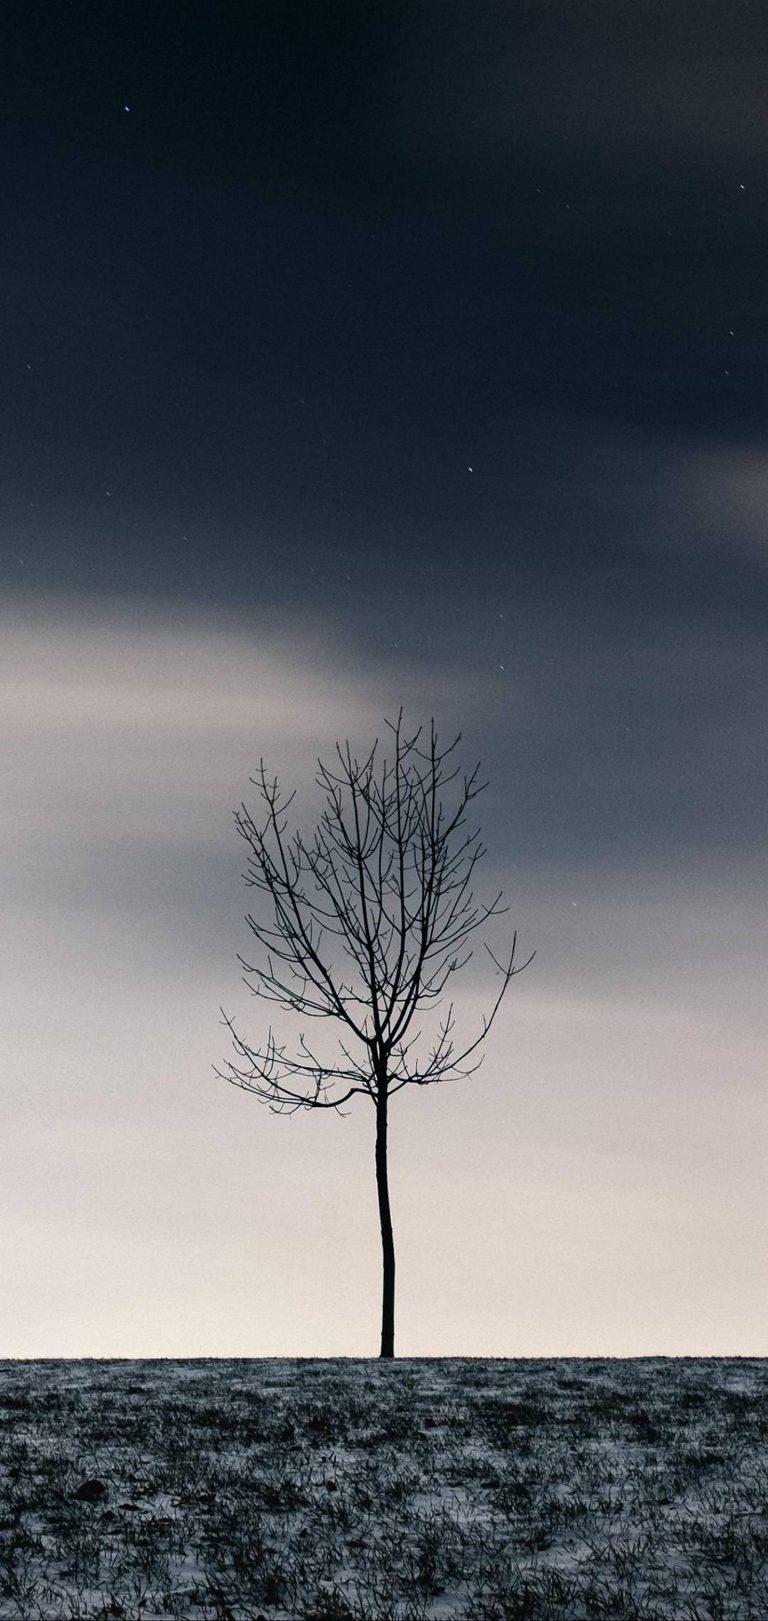 Winter Tree Sky Wallpaper 1440x3040 768x1621